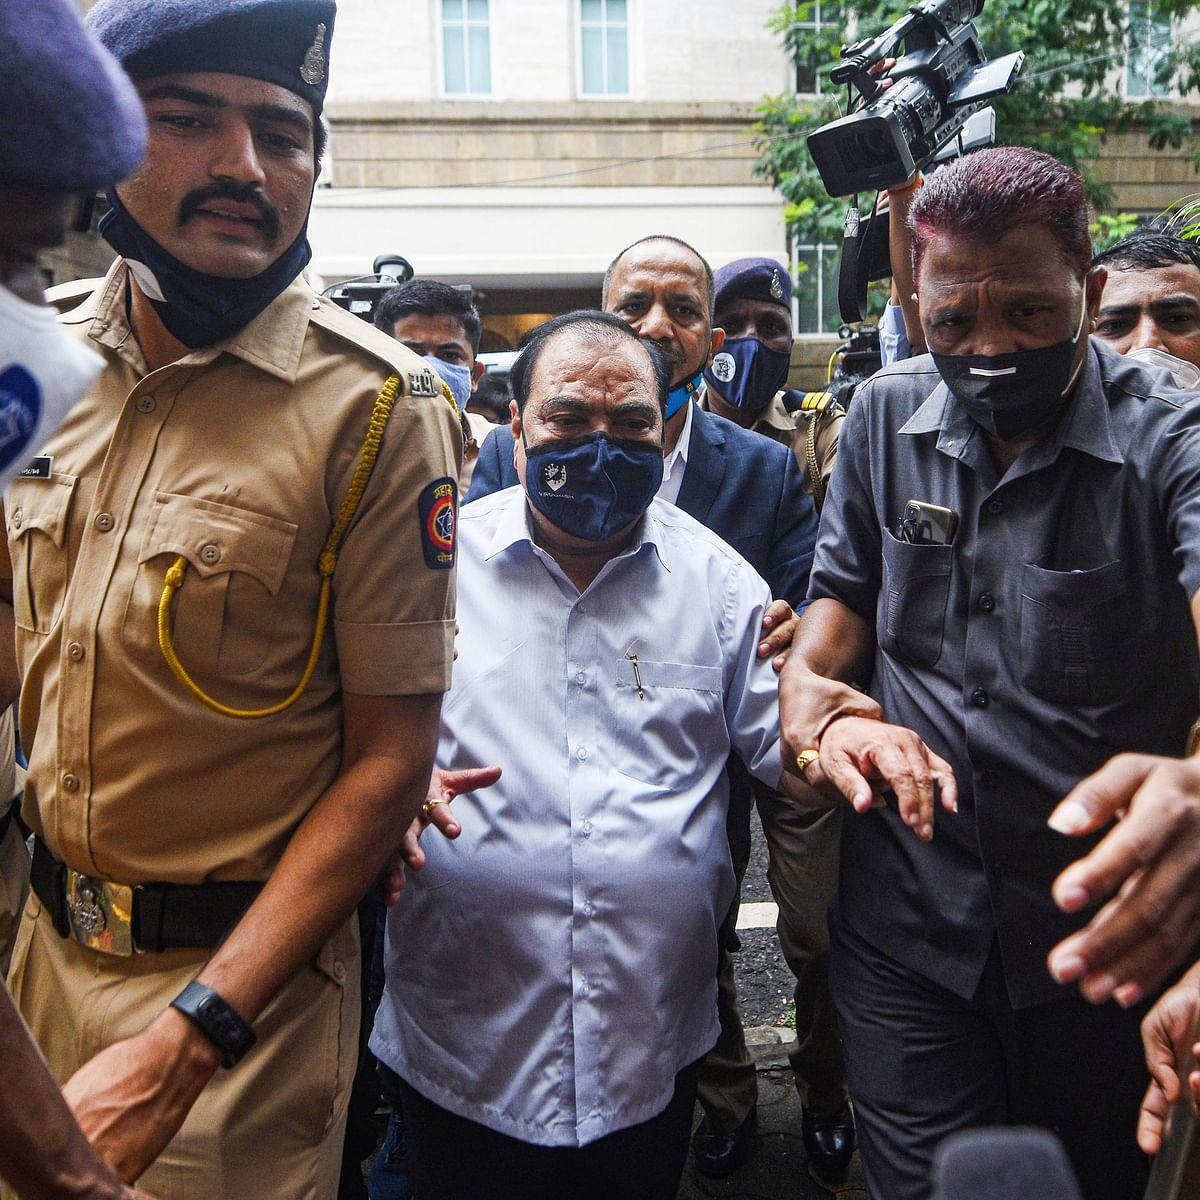 FPJ Legal | Pune land deal case: Eknath Khadse's son-in-law's ED custody extended till 19 July